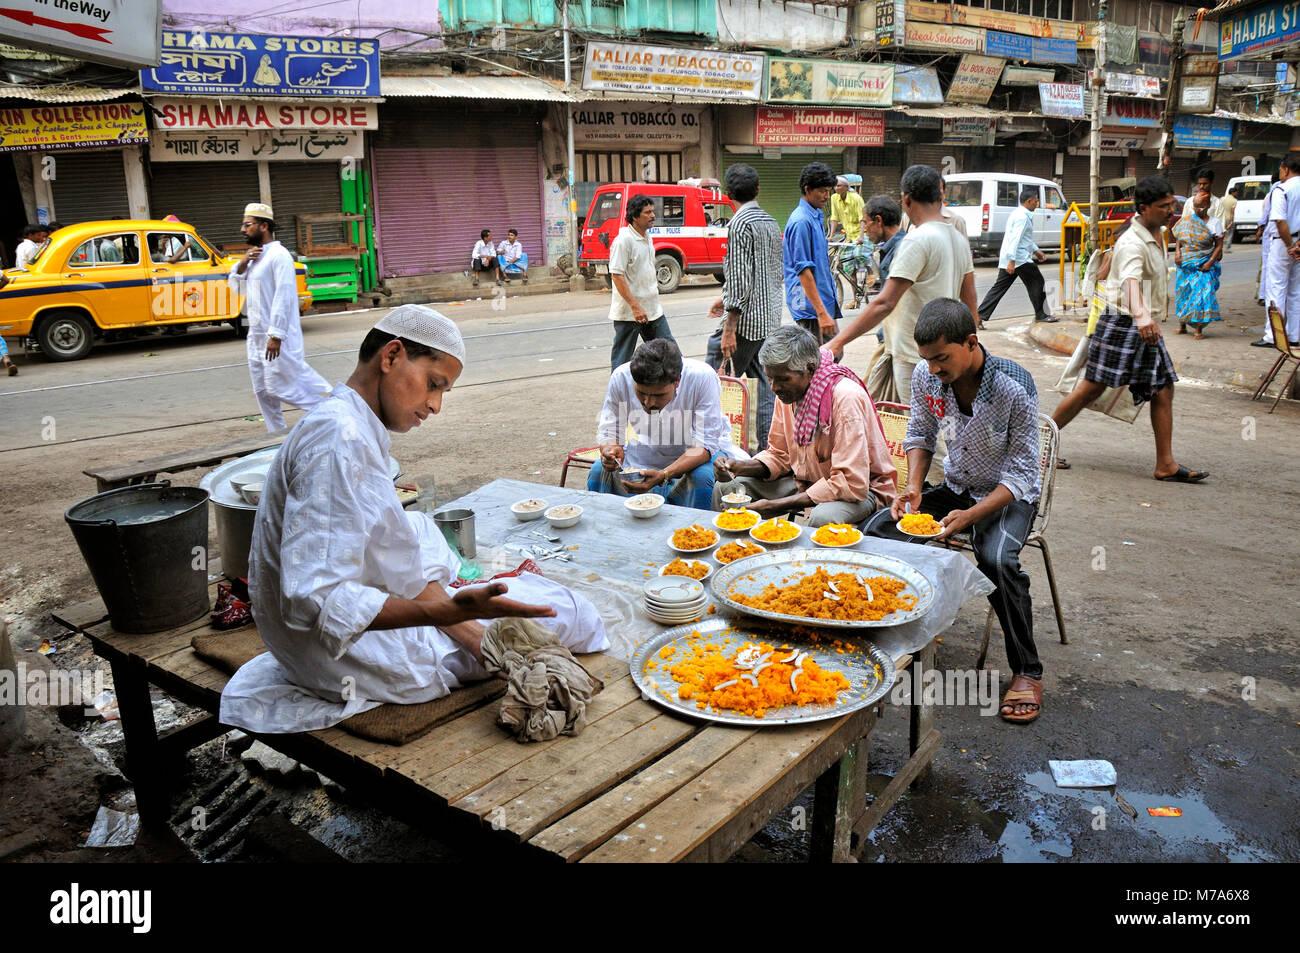 Street food in Kolkata. Muslim quarter, India - Stock Image